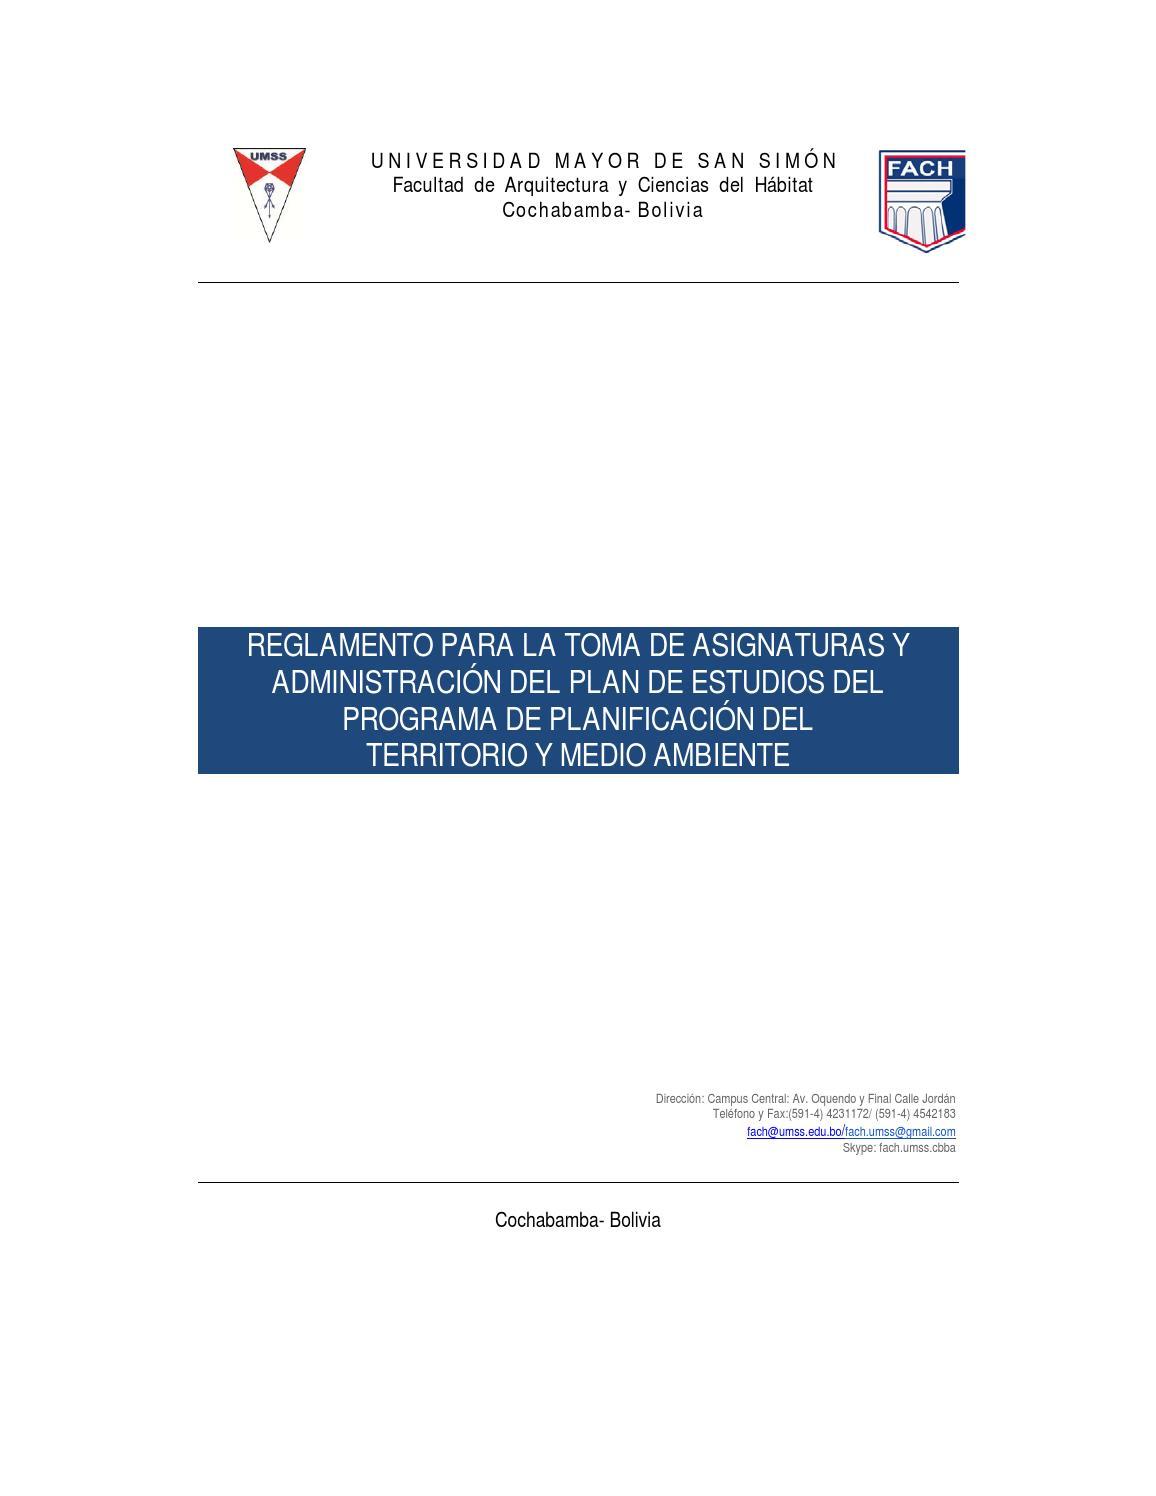 Fach reglamento administraci n del plan de estudios Asignaturas de la carrera de arquitectura